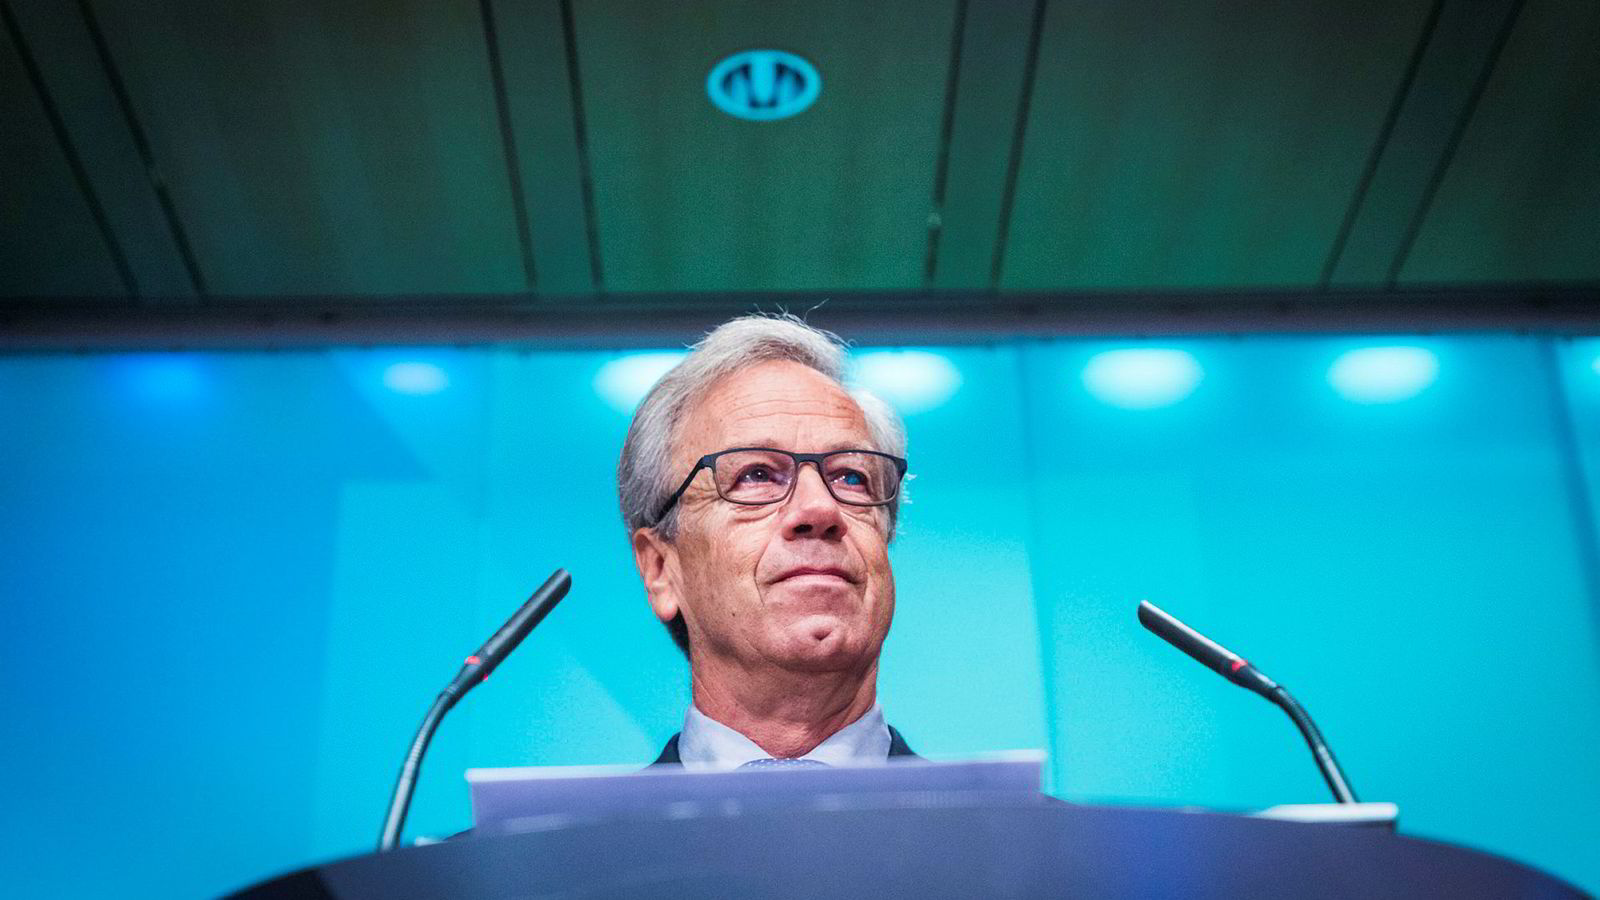 Sentralbanksjef Øystein Olsen presenterer pengepolitisk rapport.